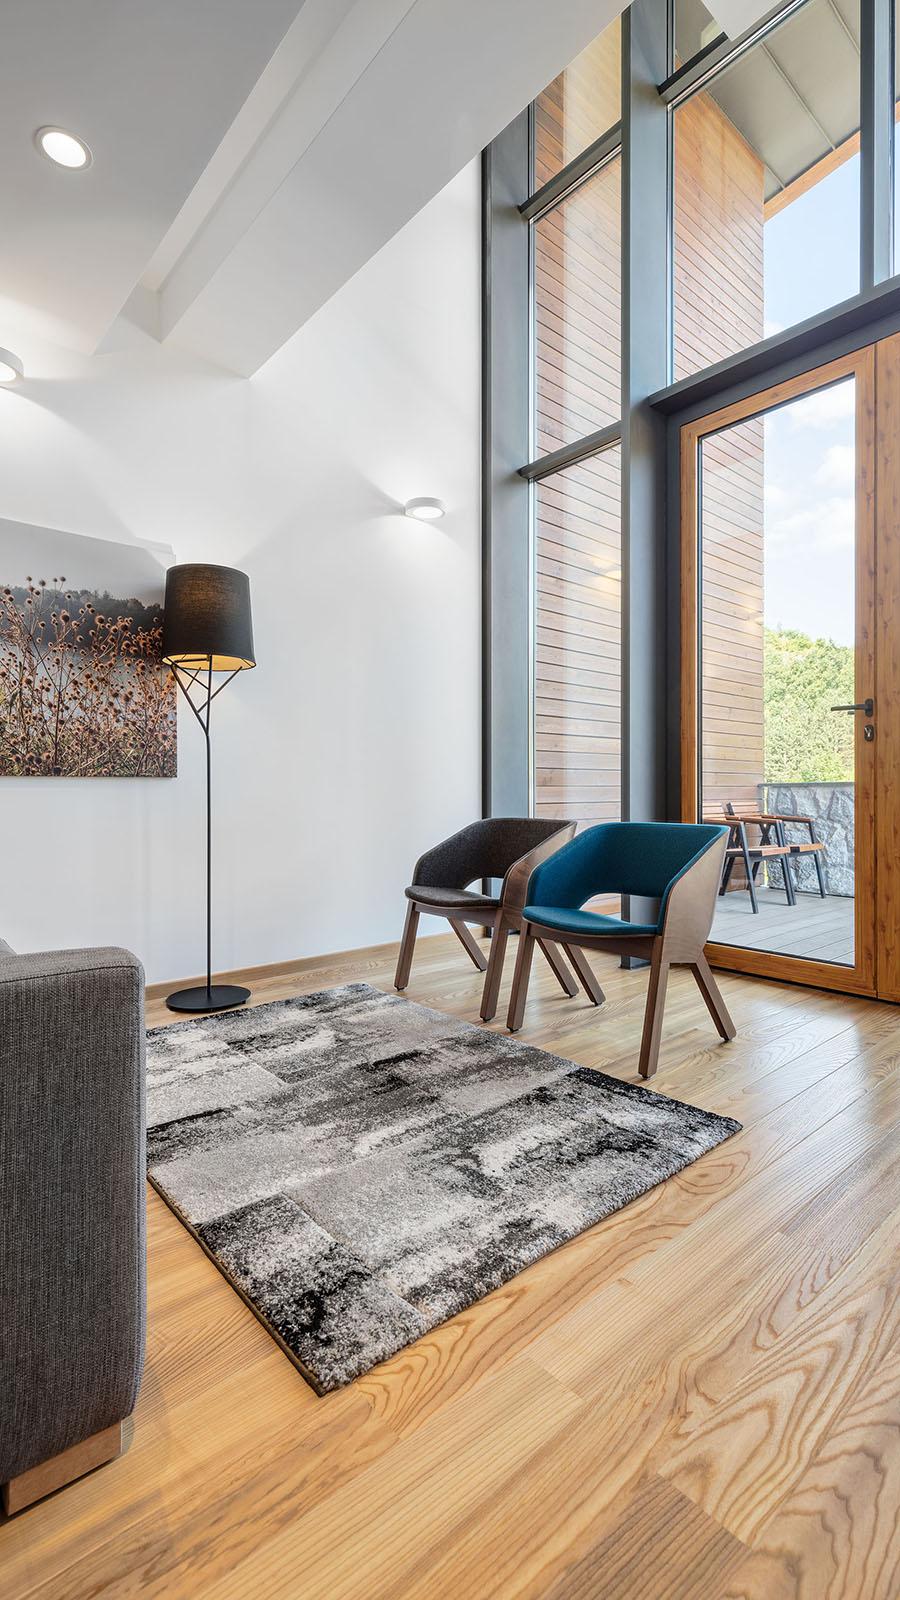 Amenajare living room: parchet din lemn și combinații de elemente decorative în nuanțe de albastru clasic